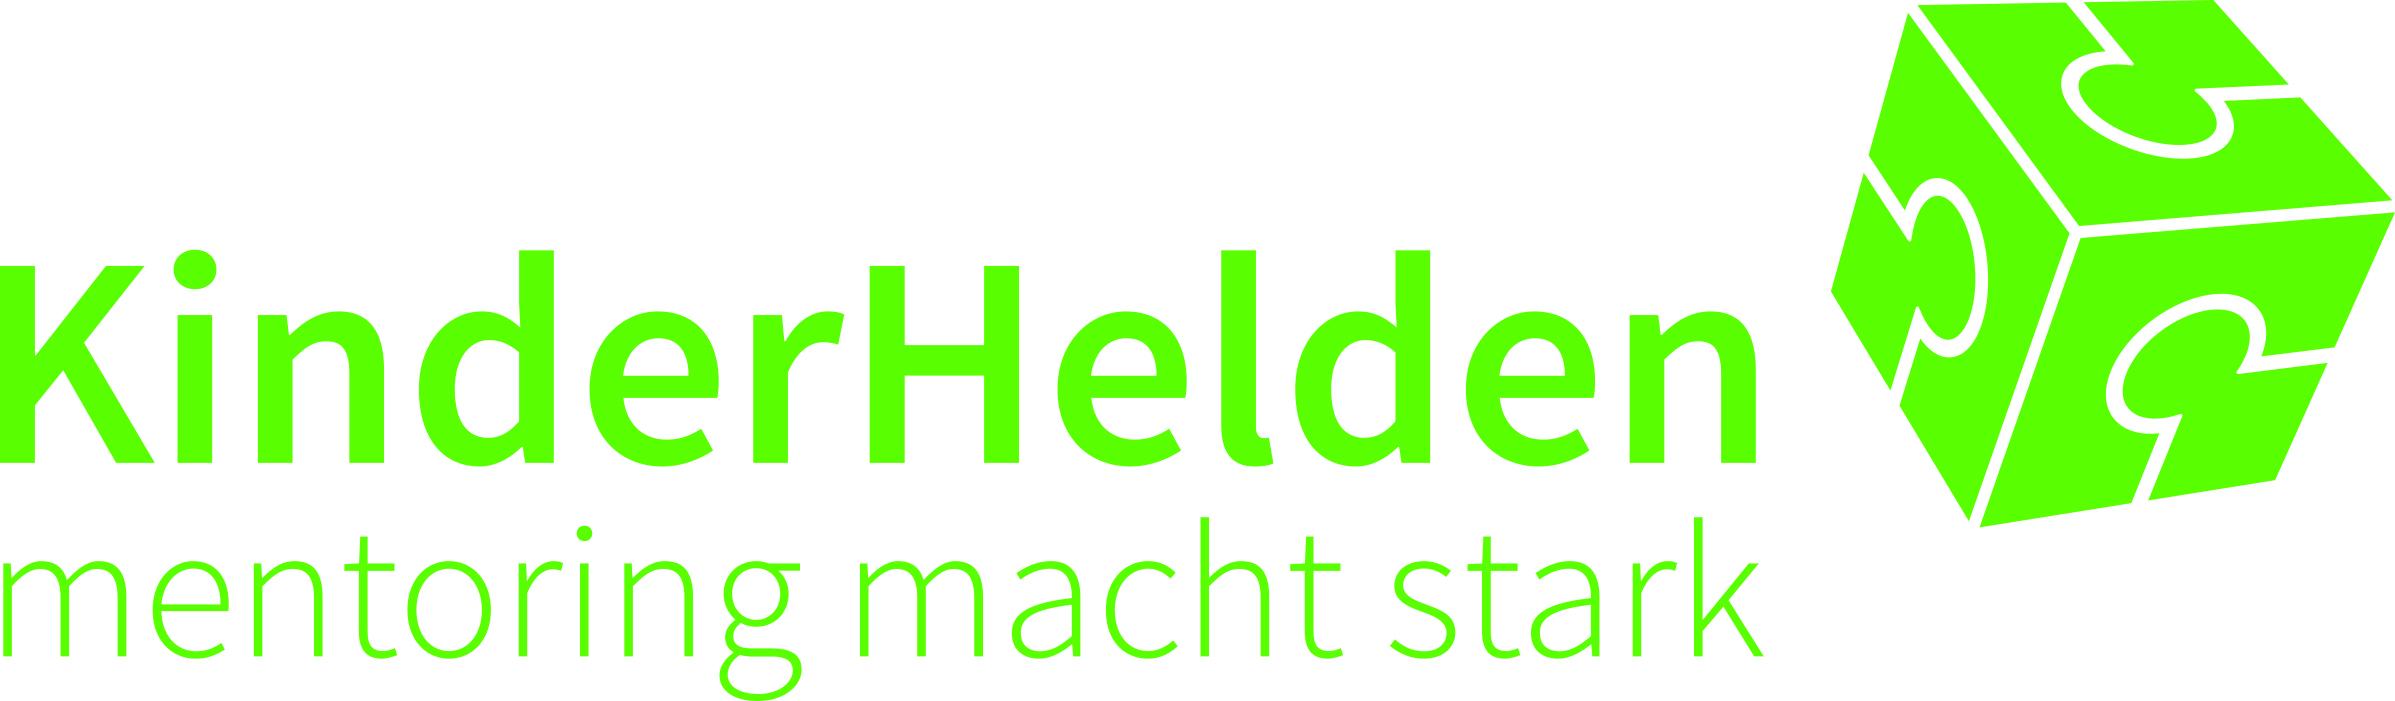 logo_kinderhelden.jpg